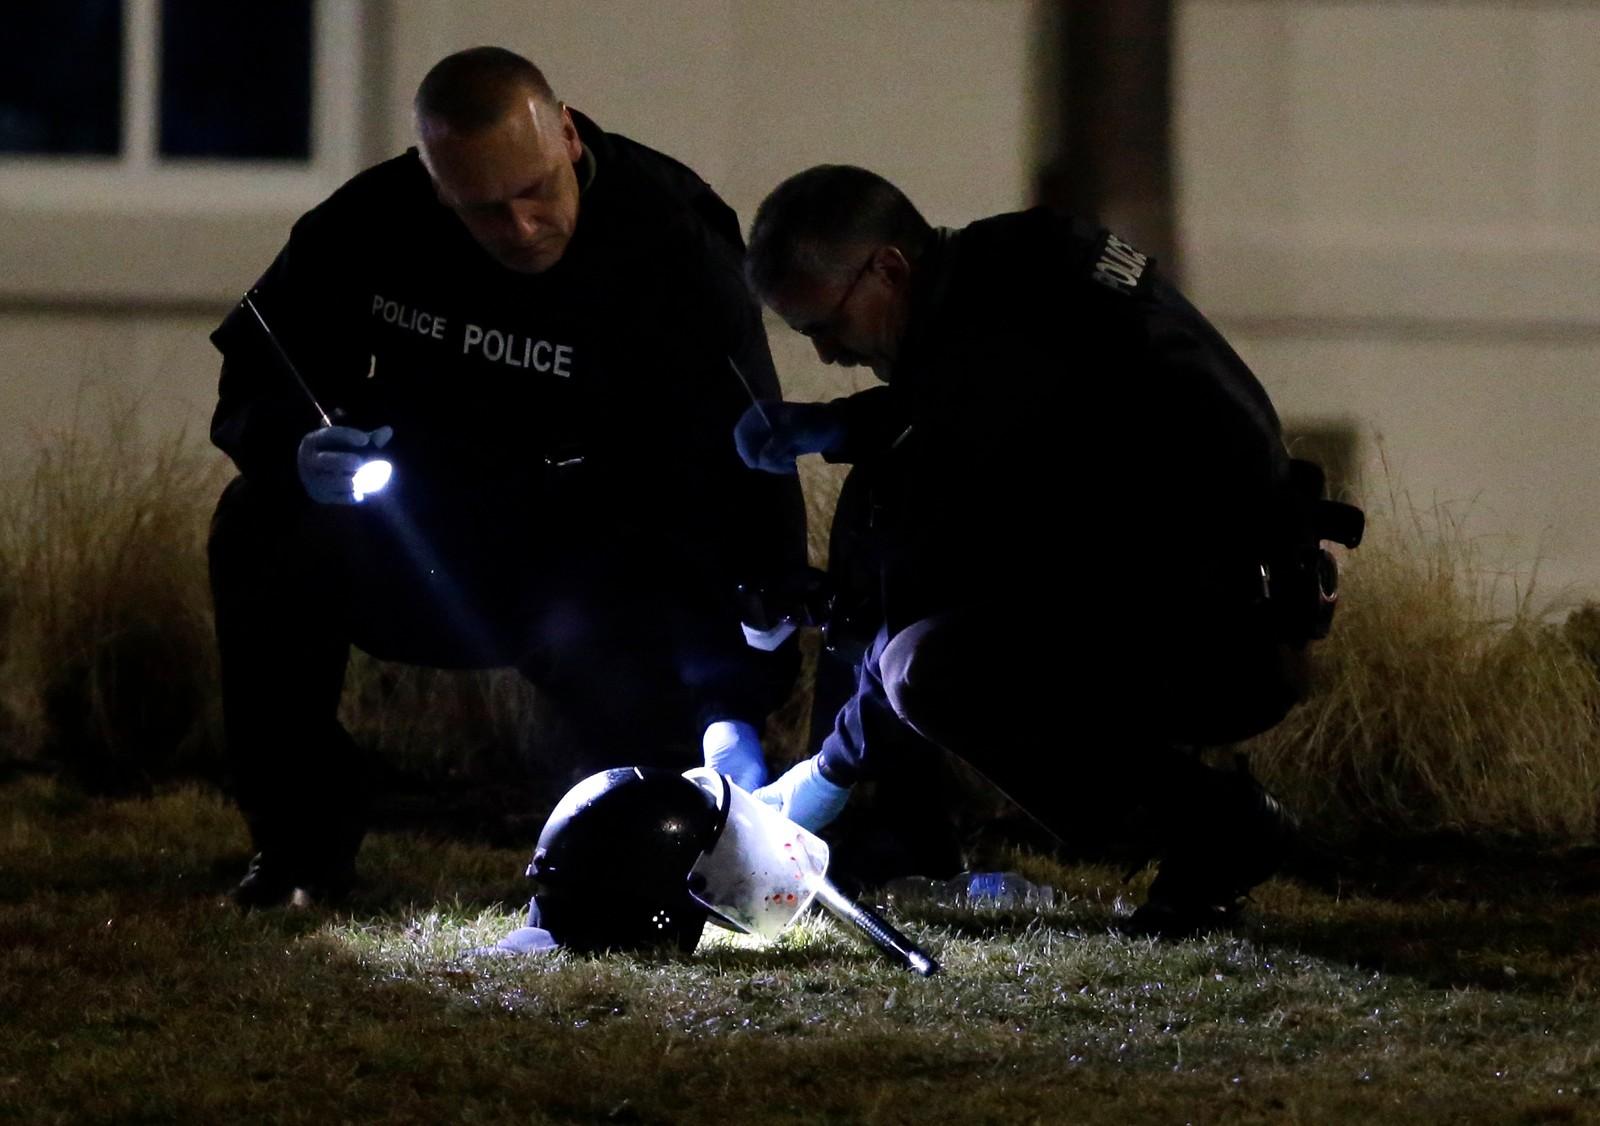 Politiet undersøker en hjelm på åstedet hvor en av politimennene ble skutt i Ferguson. AP Photo/Jeff Roberson)